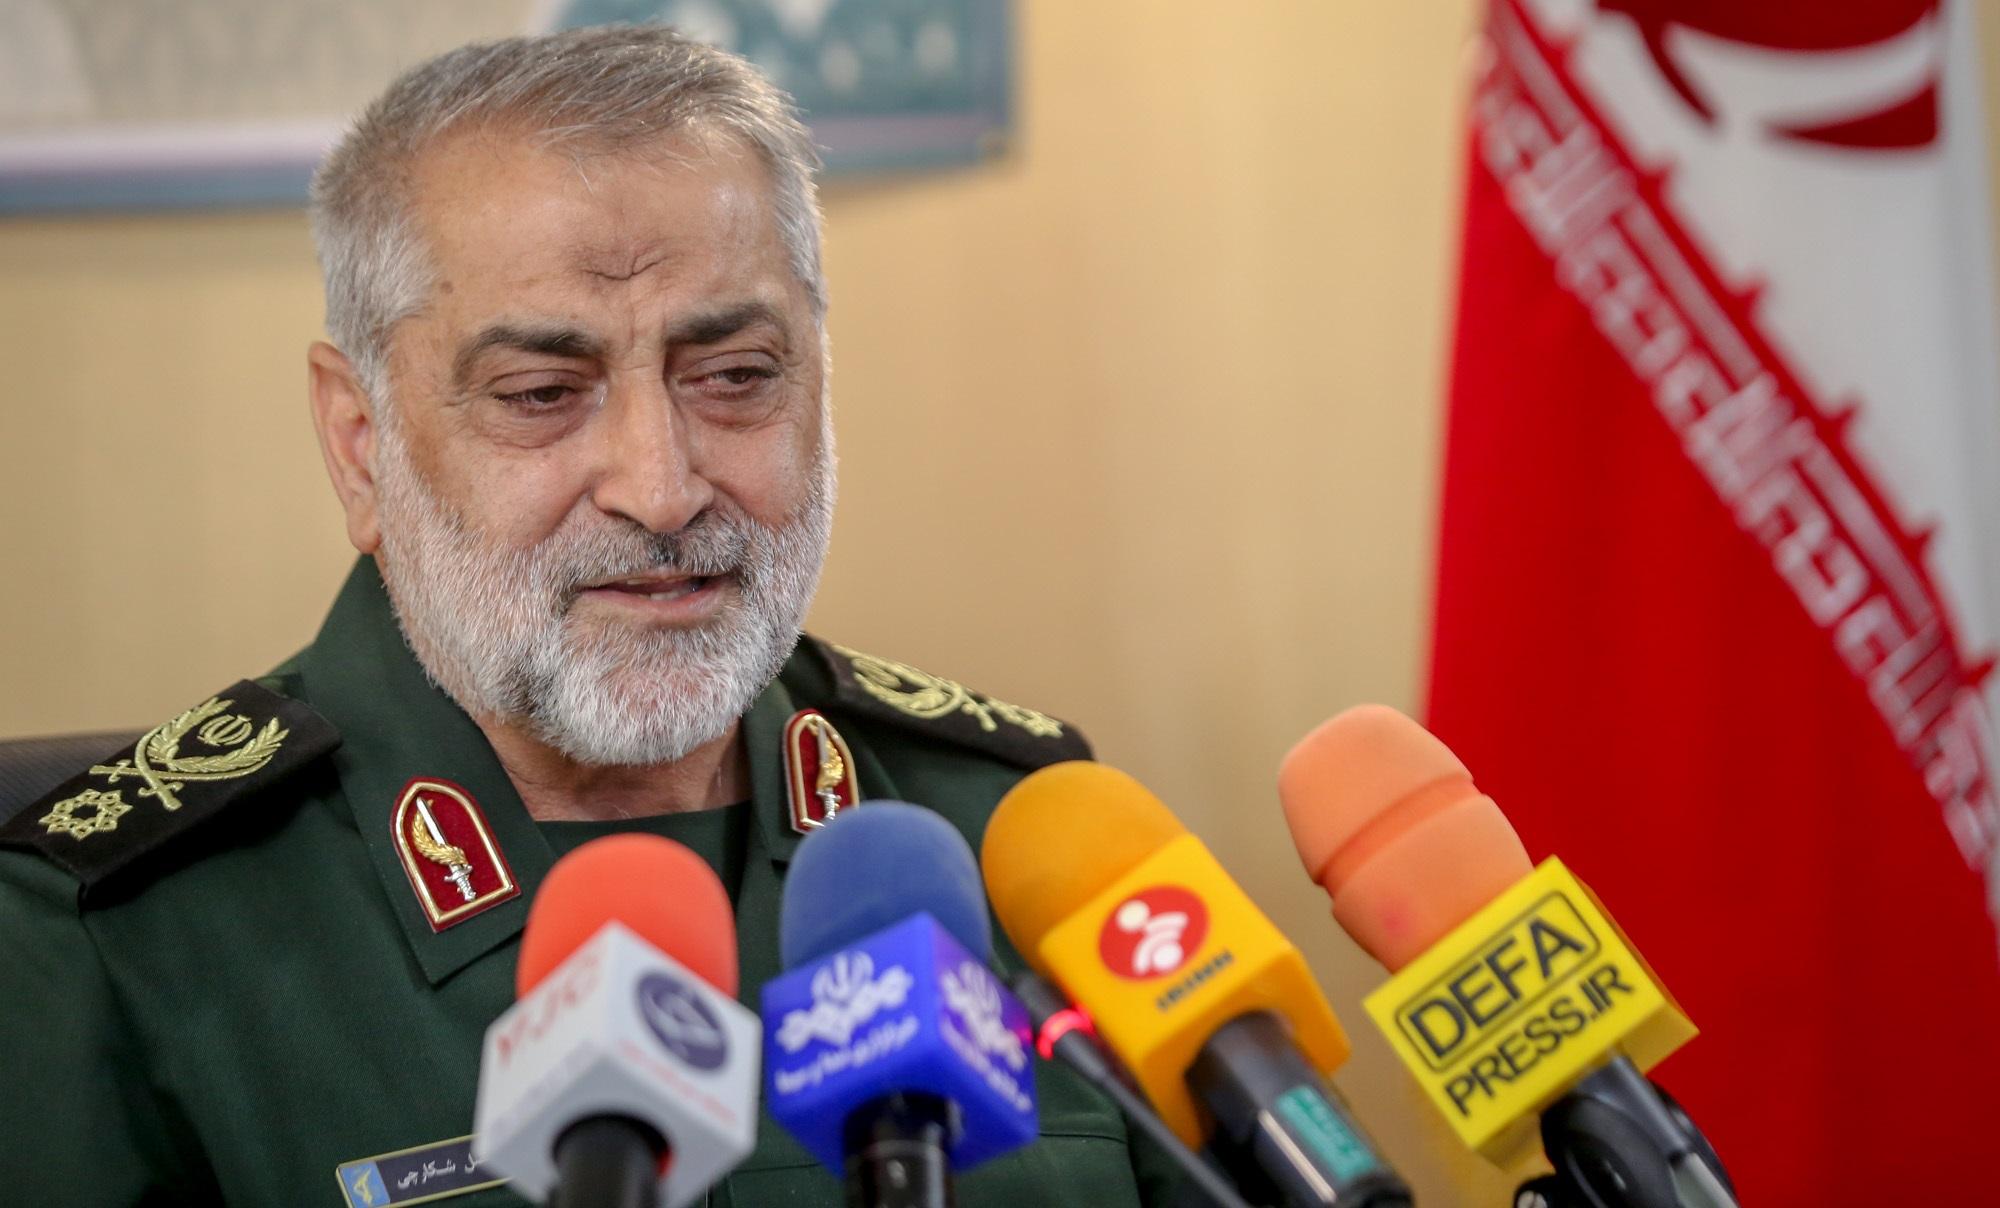 شهادت ۶۰ هزار سرباز در دفاع مقدس/ سربازان از ارکان قدرت کشور هستند